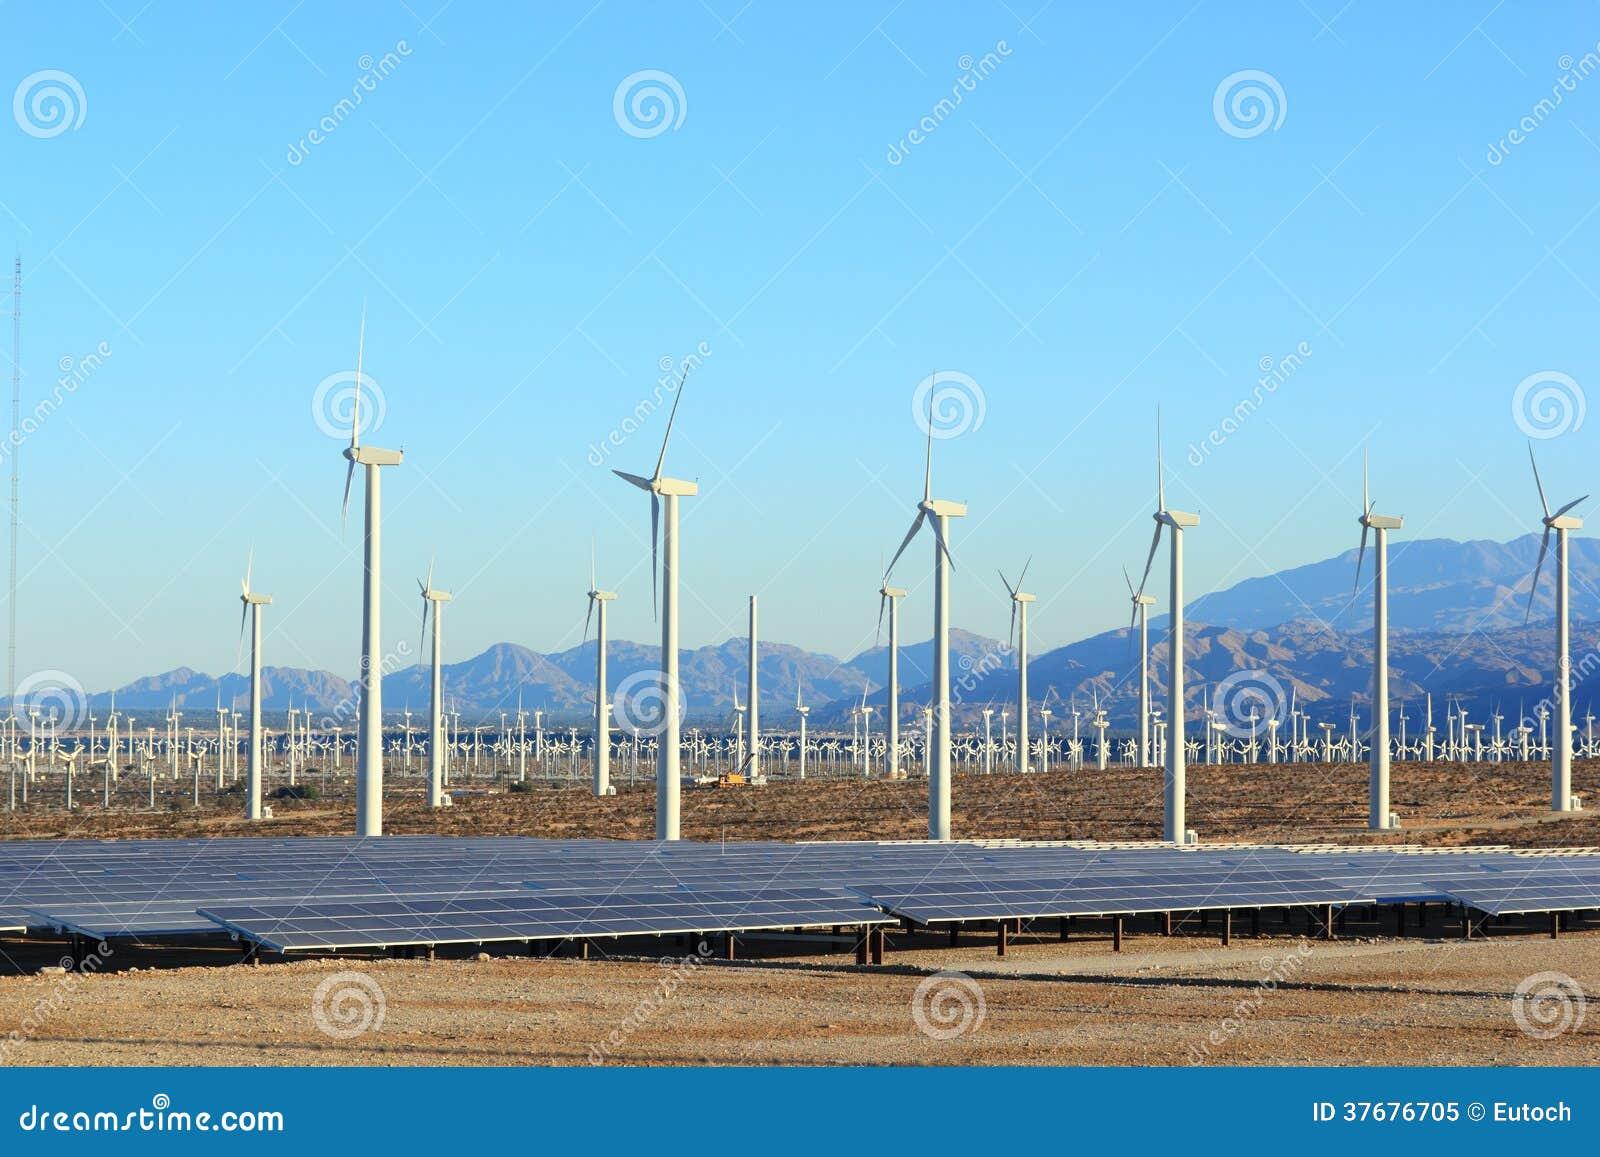 Ηλιακός και αιολική ενέργεια